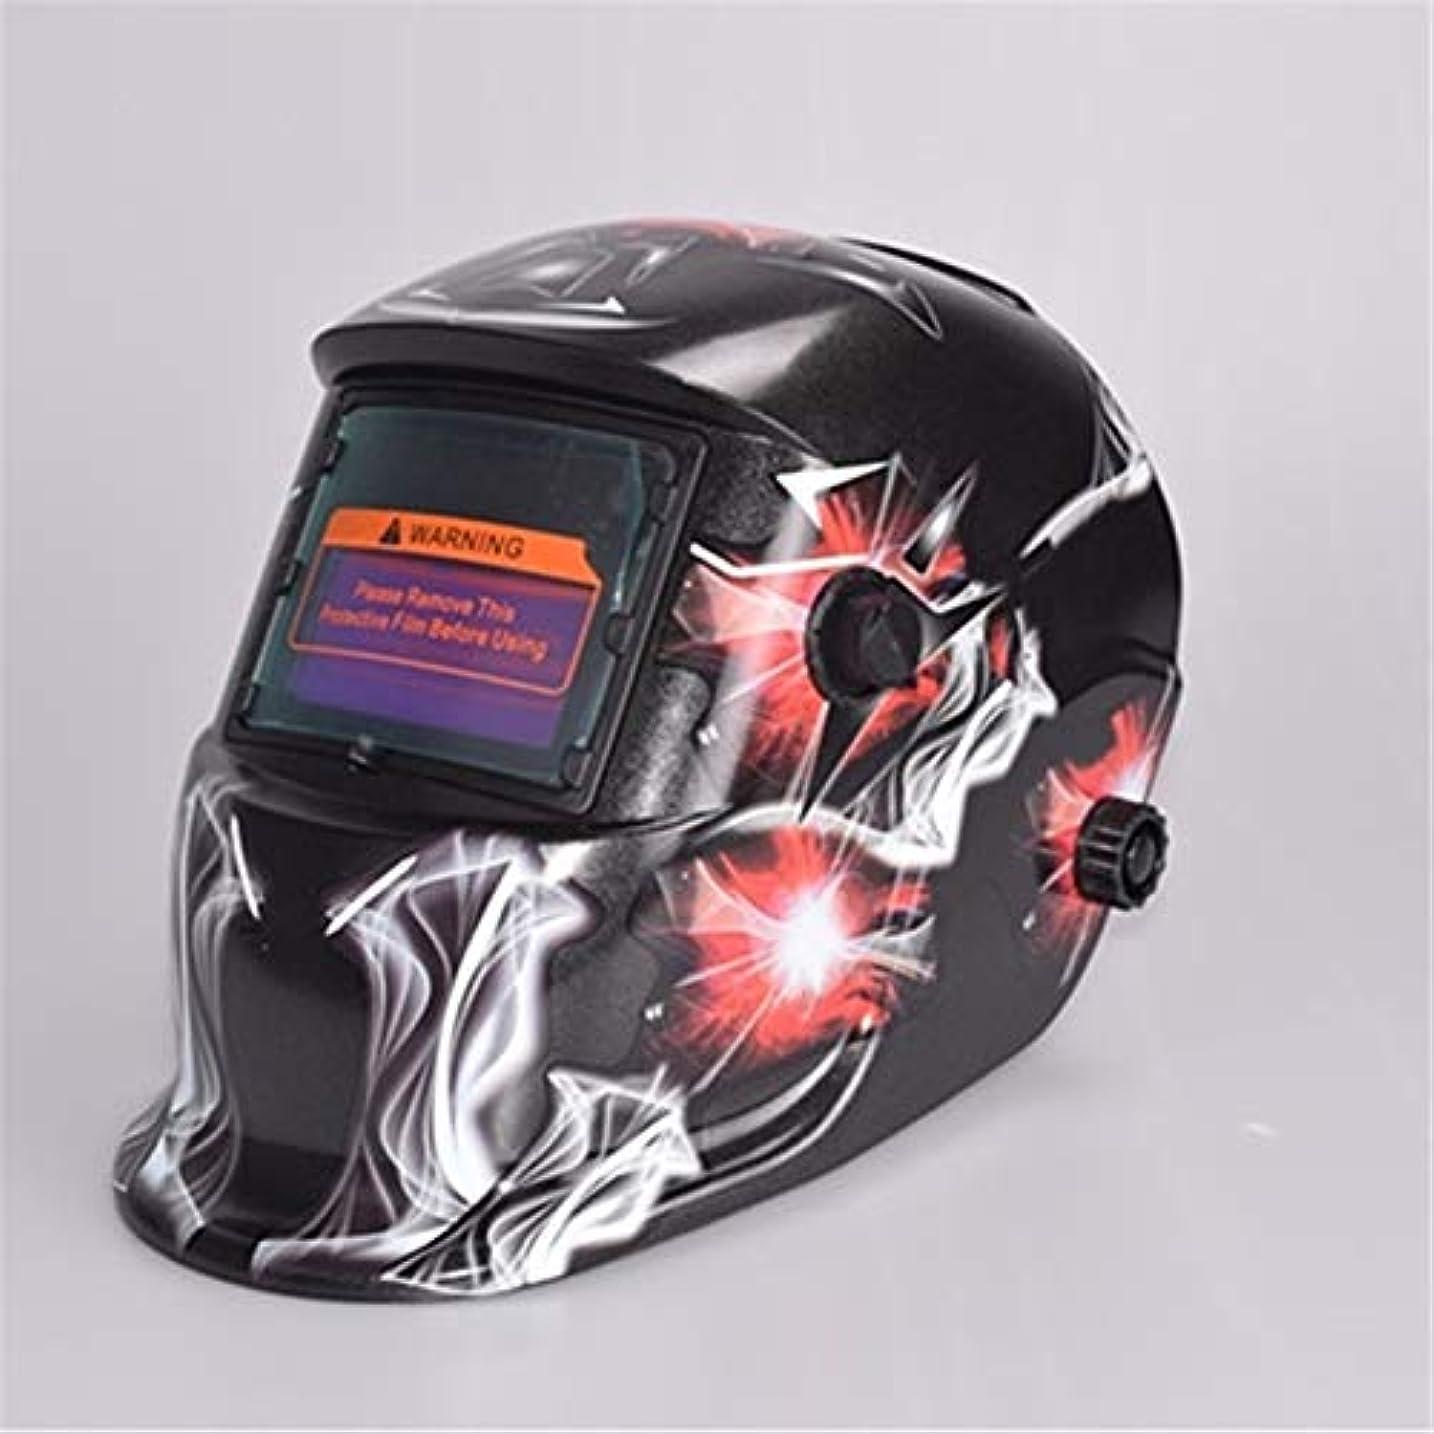 賞賛するかなりの動機オートダークニングソーラー溶接面ARCTIGMIG溶接溶接機レンズ研削マスク